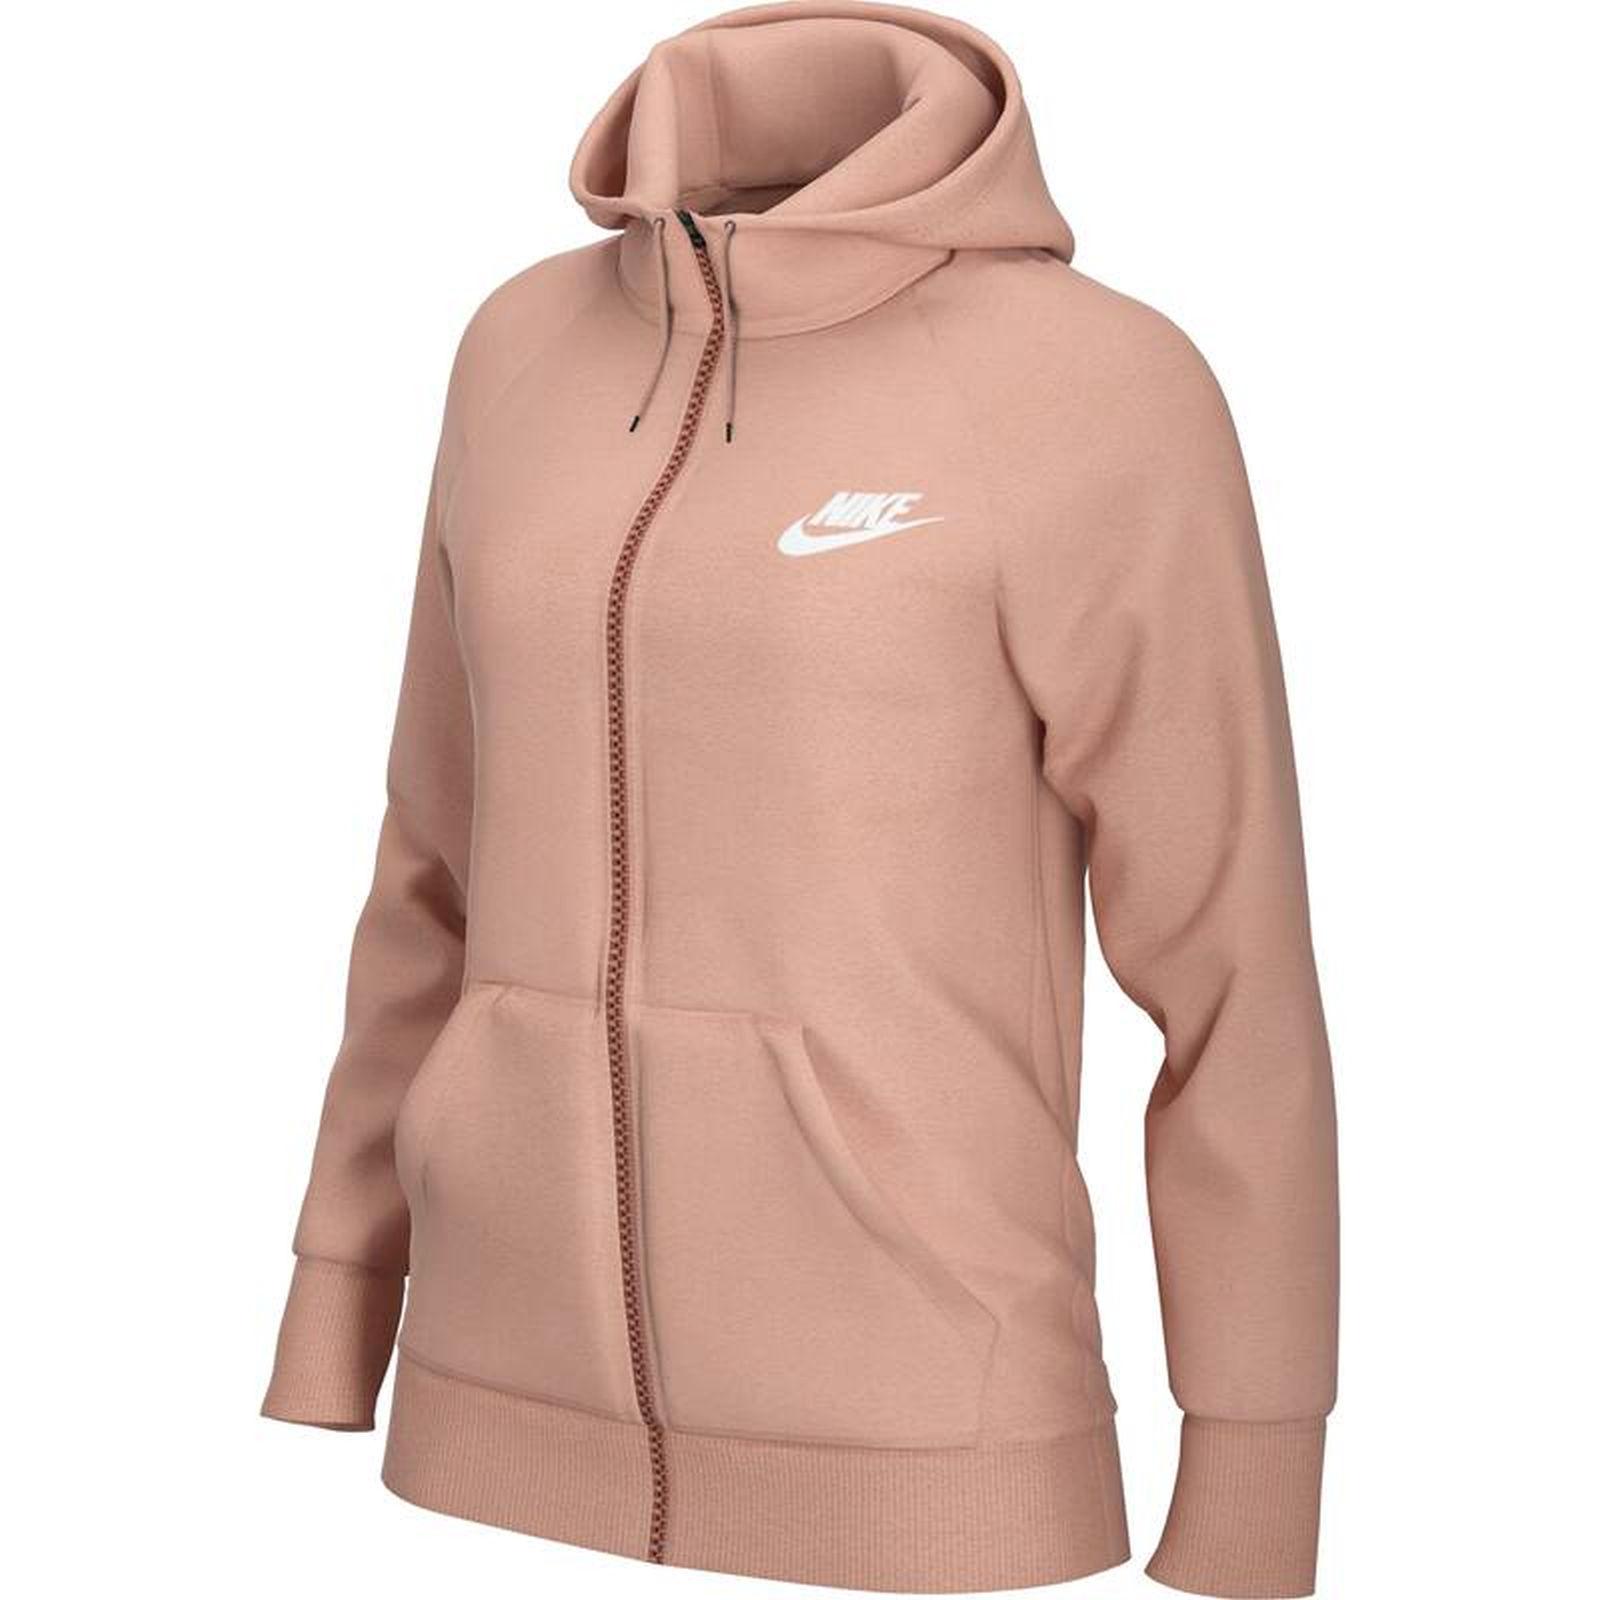 Détails sur Nike Femmes Sport-Fitness-Kapuzenjacke Veste/Sweat Essntl à  Capuche Fz Fl Rose